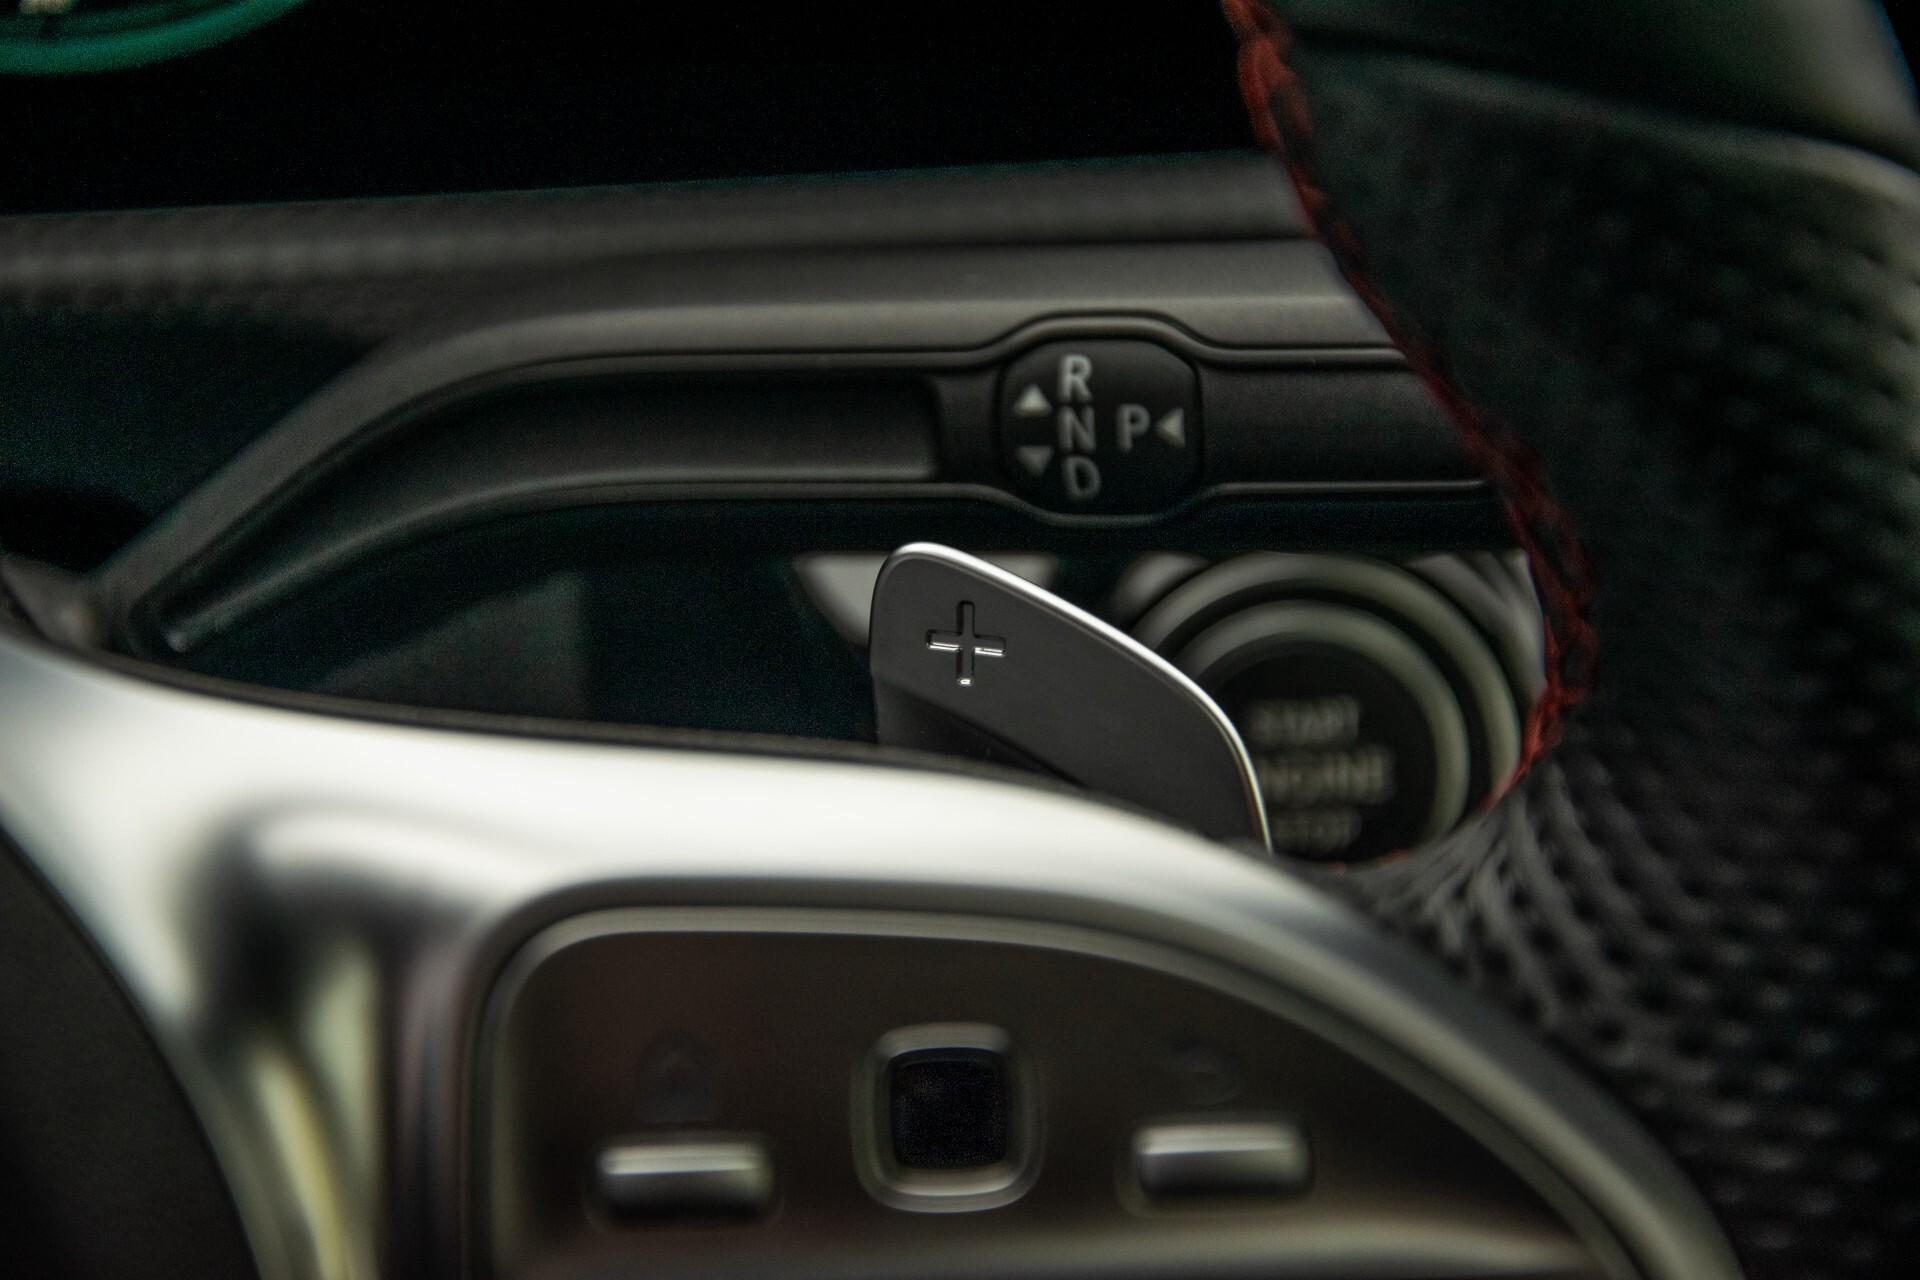 Mercedes-Benz A-Klasse 180 d AMG Panorama/MBUX/DAB/LED Aut7 Foto 13